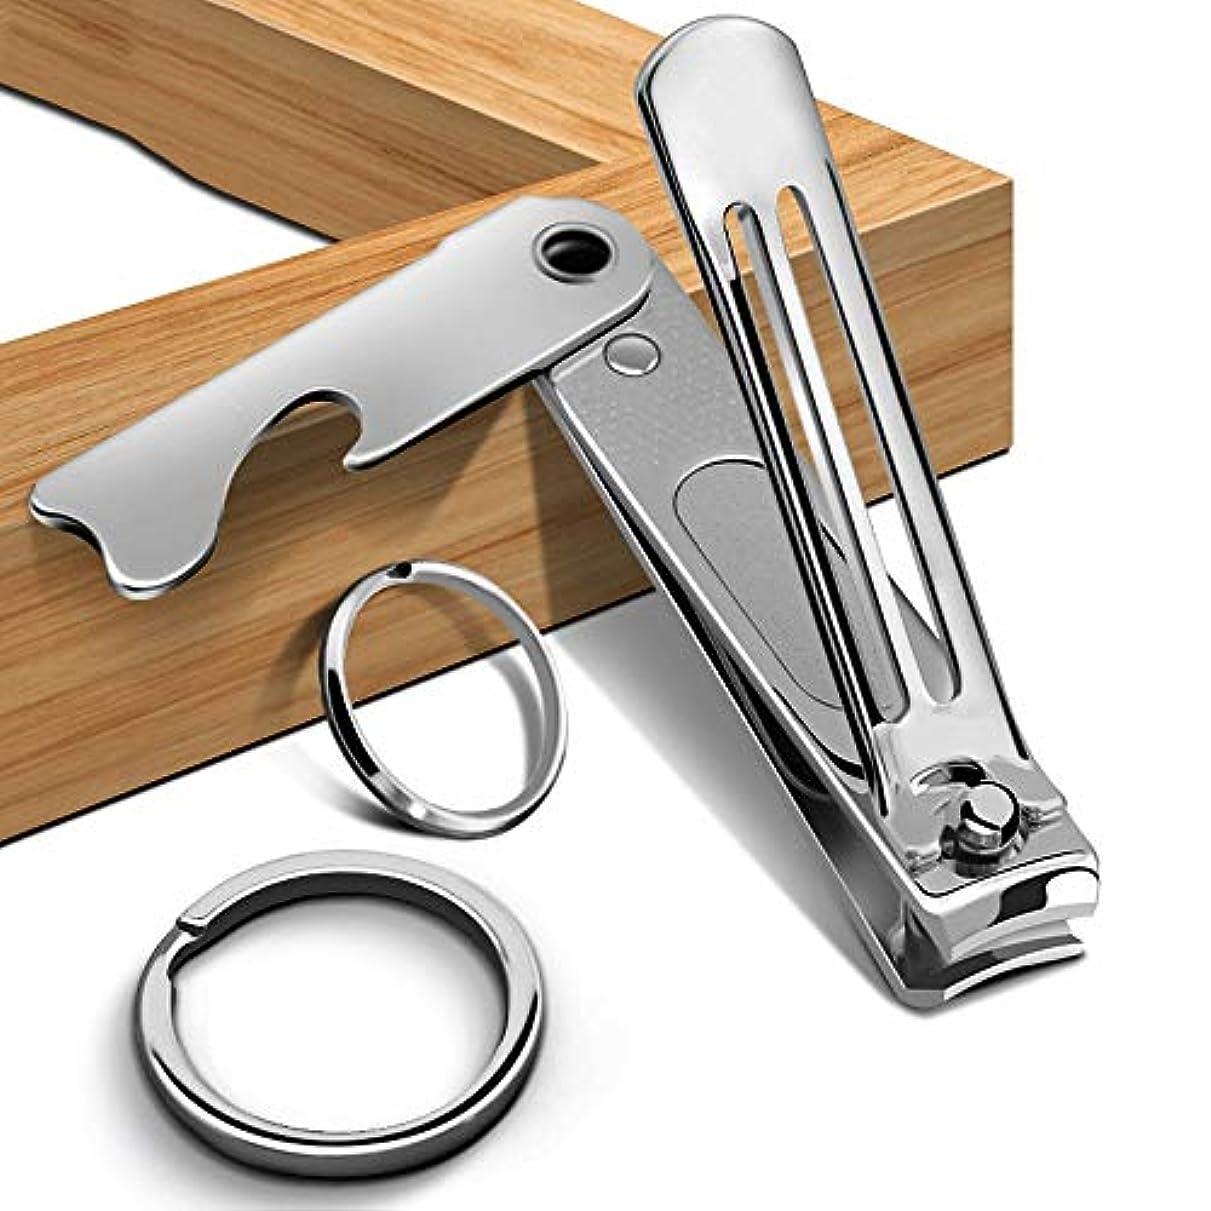 年ケント推進ネイルクリッパーネイルクリッパー家庭用成人男性と女性は、キーを掛けるためにシングルパック開閉式キャップを使用できます